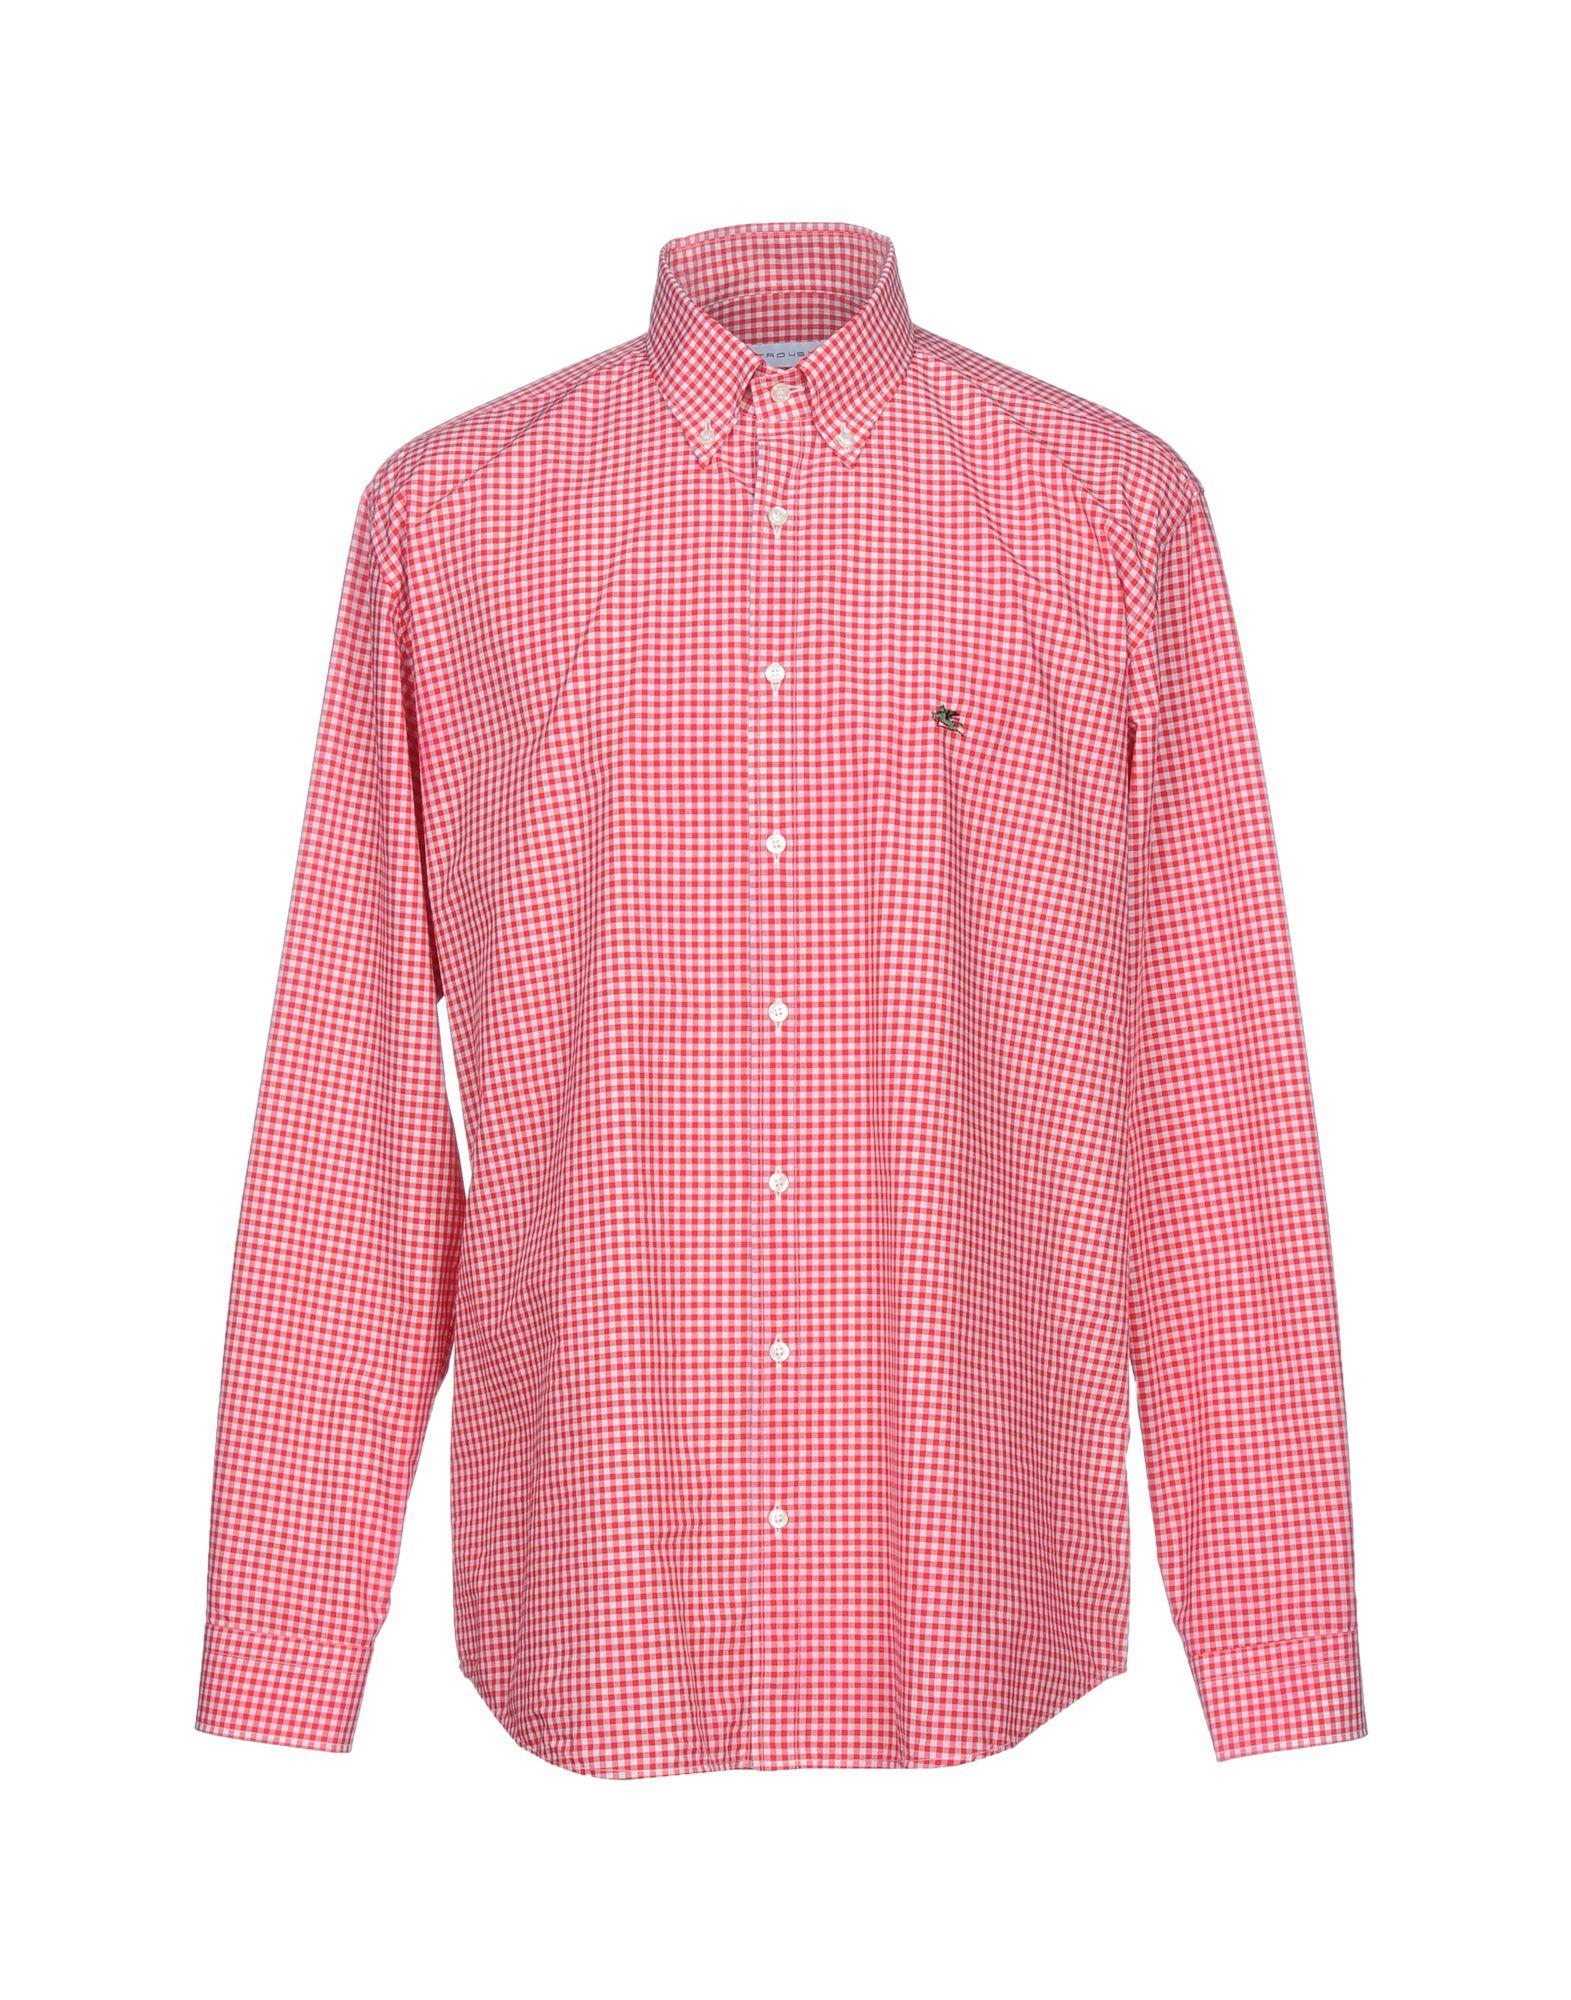 《送料無料》ETRO メンズ シャツ レッド 39 コットン 100%